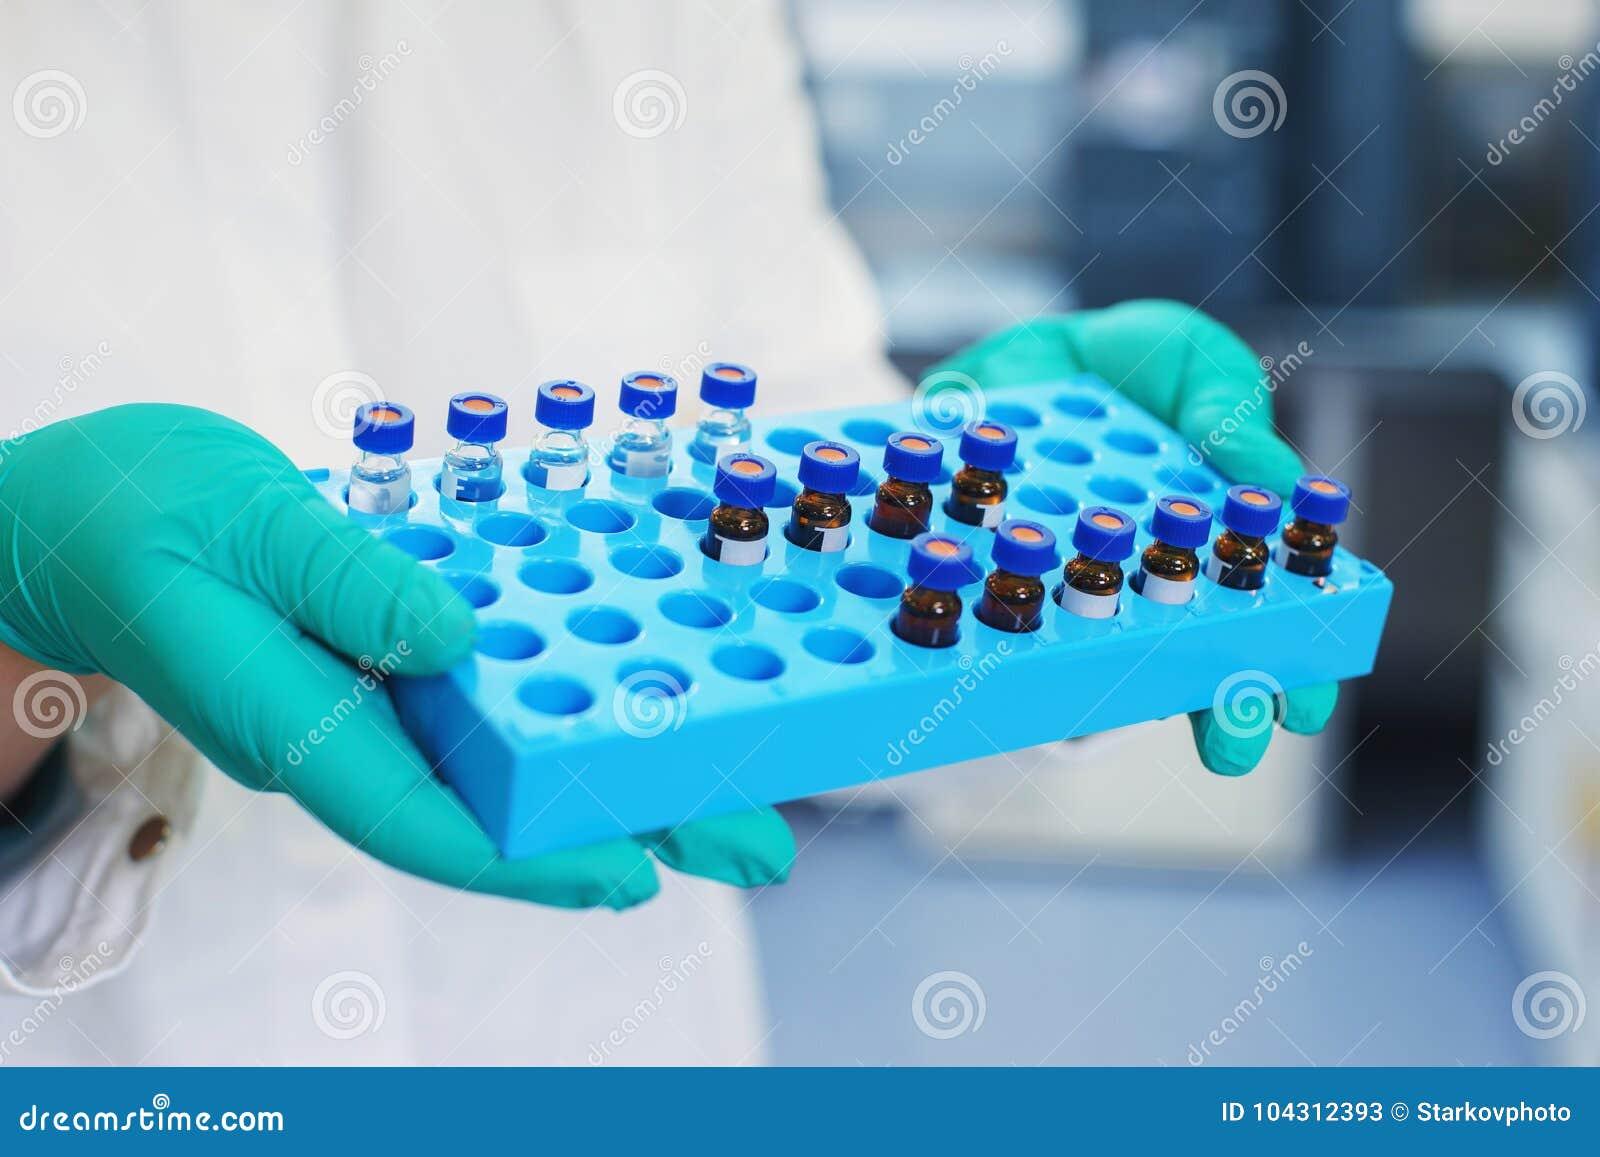 De laboratoriumwetenschapper houdt een plastic doos met steekproeven van transparante vloeistof in de flesjes